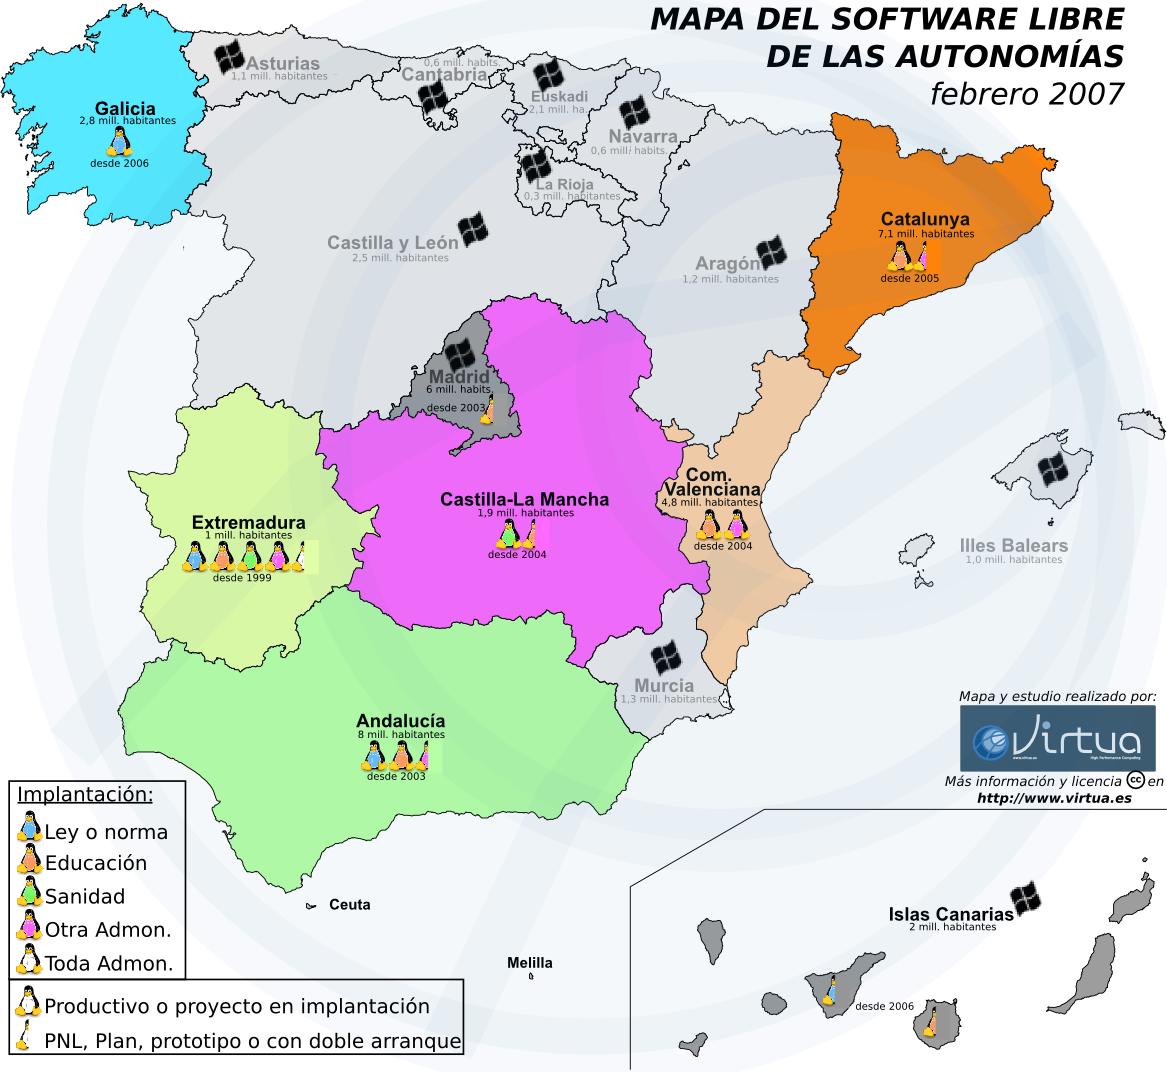 Mapa del Software Libre por autonomas en Espaa  Pillateunlinux